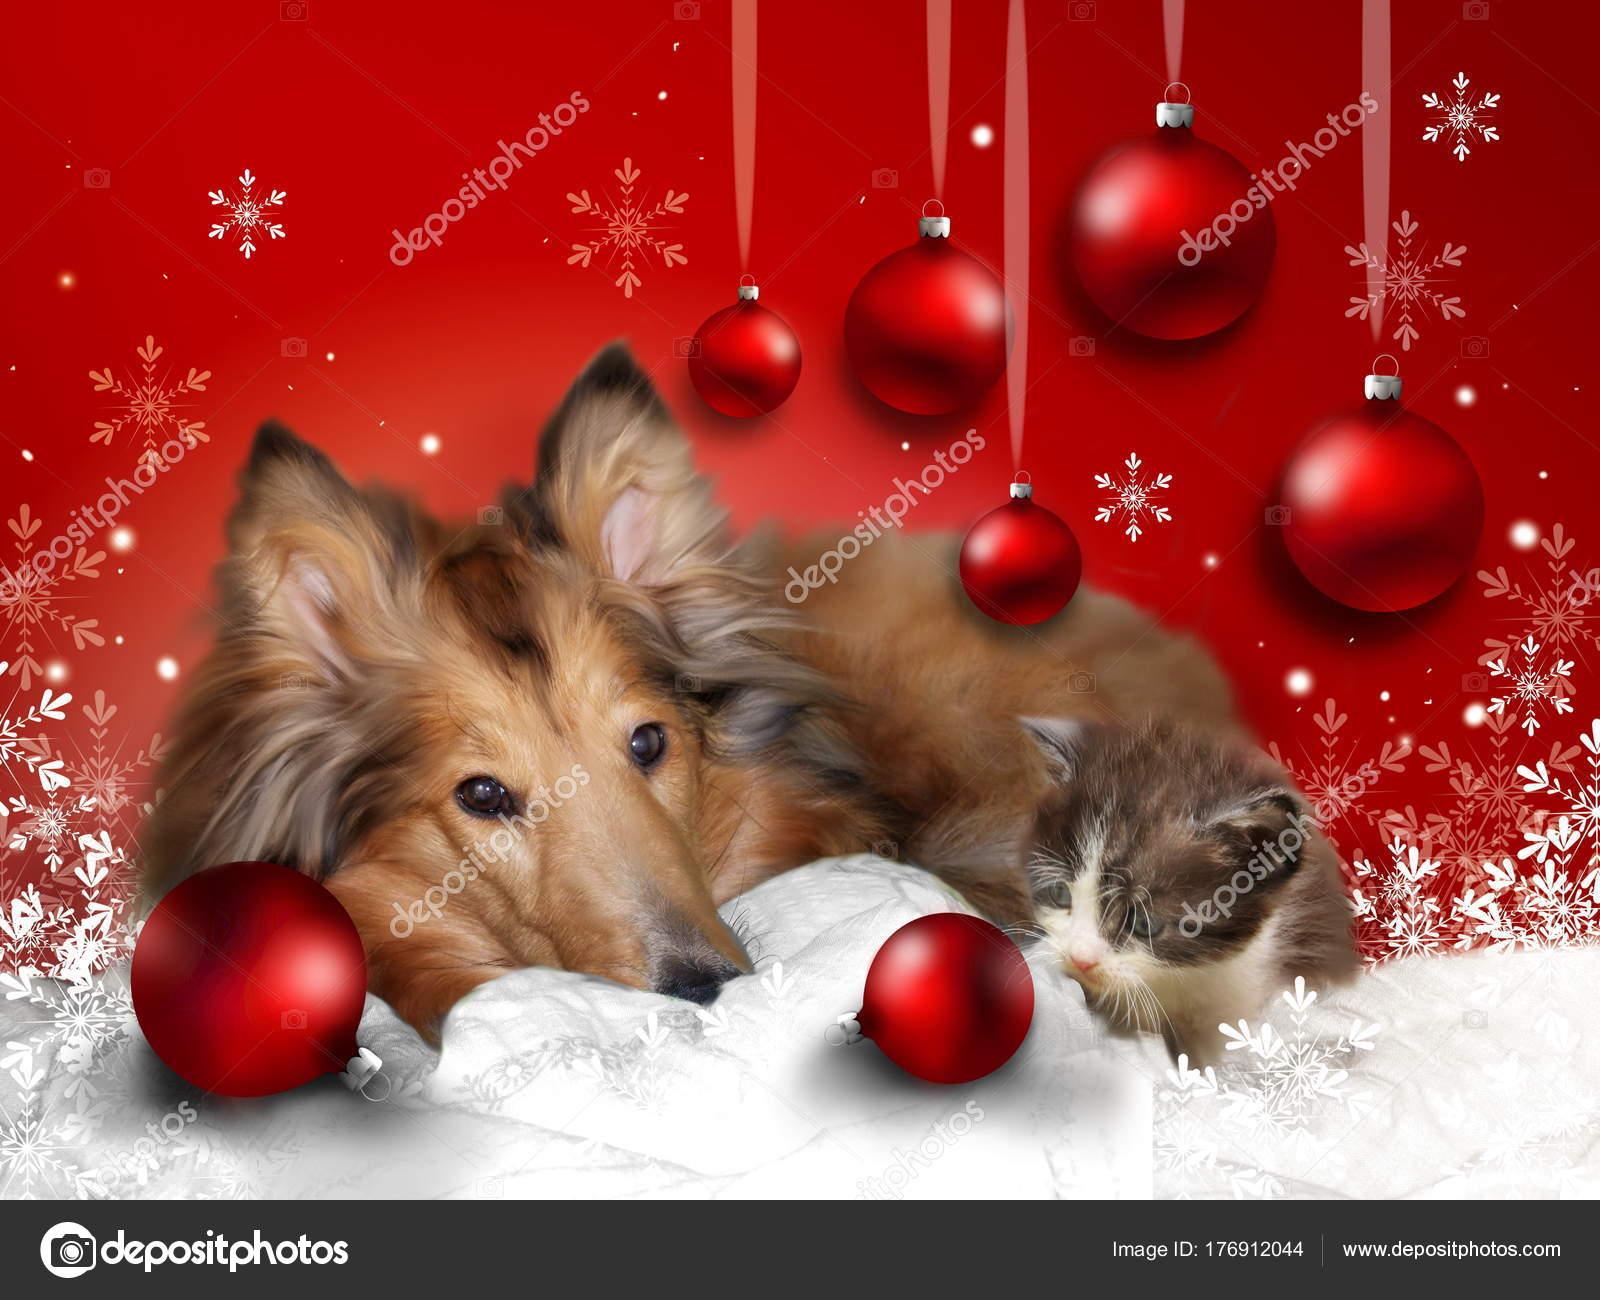 Foto Di Natale Con Cani.Immagini Auguri Di Natale Con Cani E Gatti Cartolina D